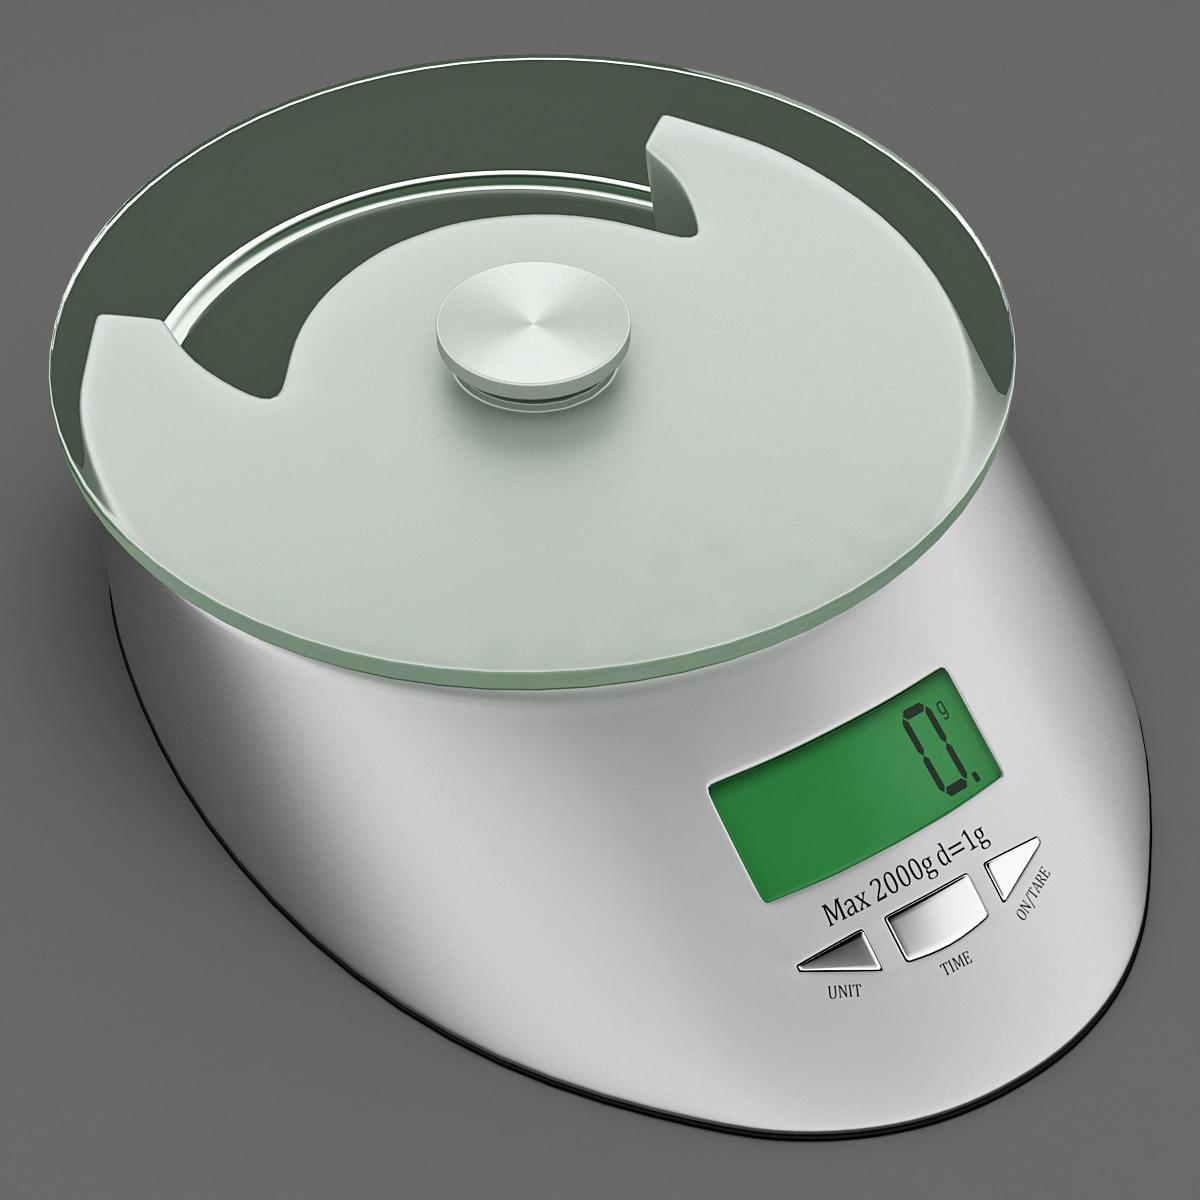 Kitchen_Digital_Scales_V3_0001.jpg